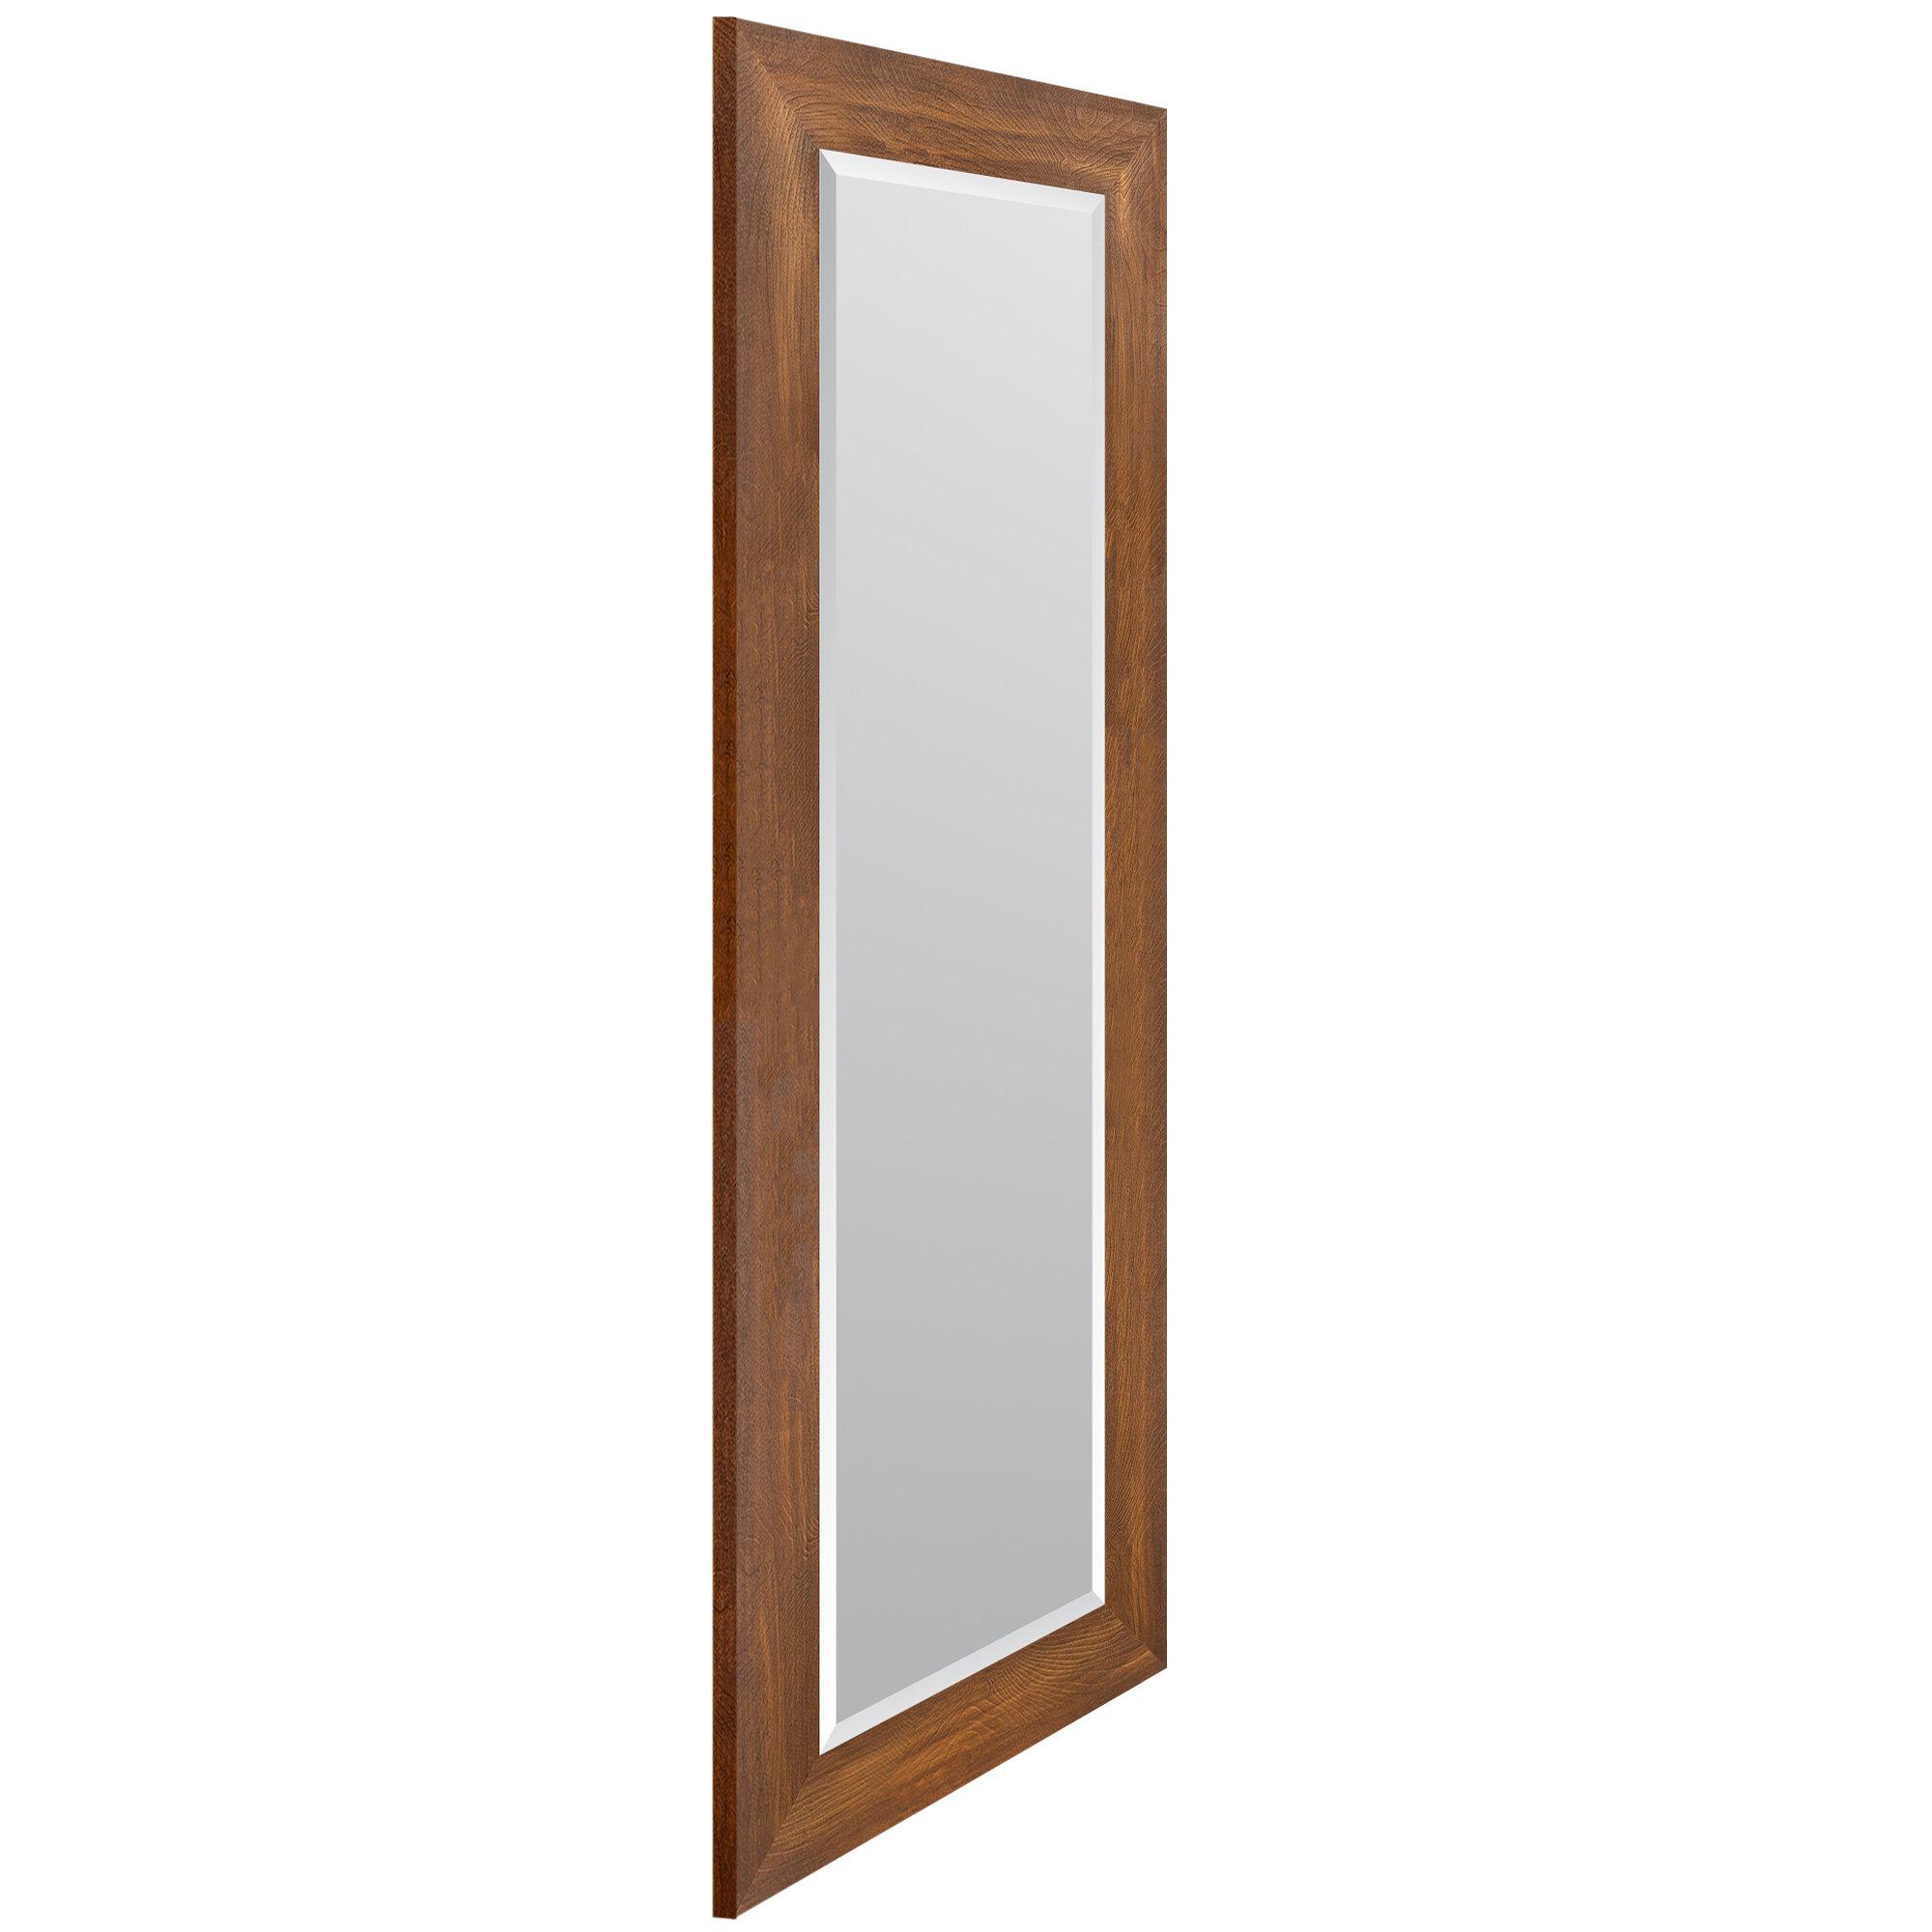 Gracie Oaks Hipolito Woodgrain Framed Beveled Full Length Mirror Reviews Wayfair